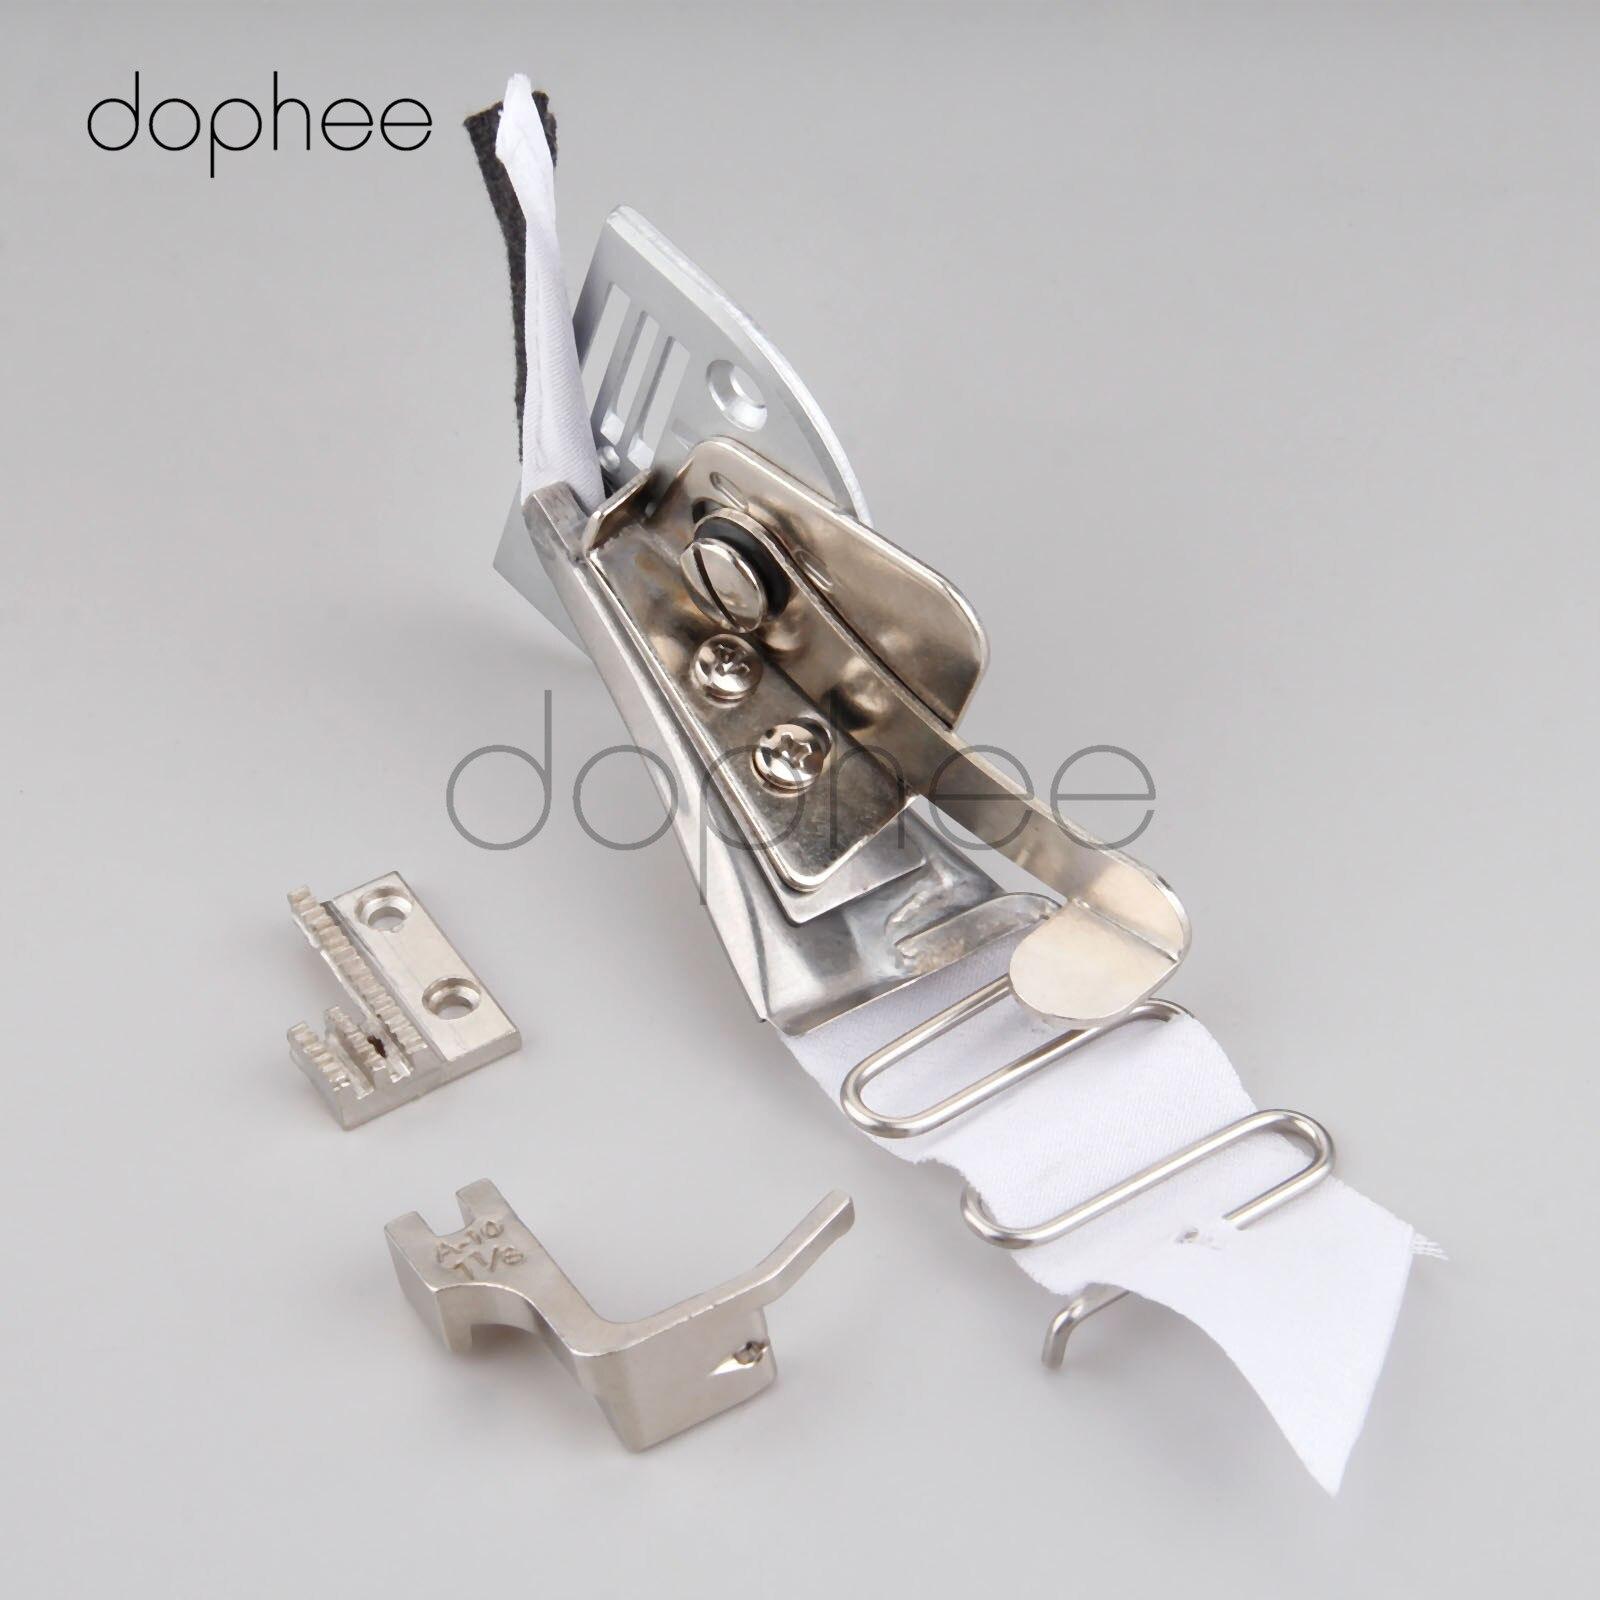 INDUSTRIELLE machine à coudre Pied presseur élastique tissus Overlock outil composants